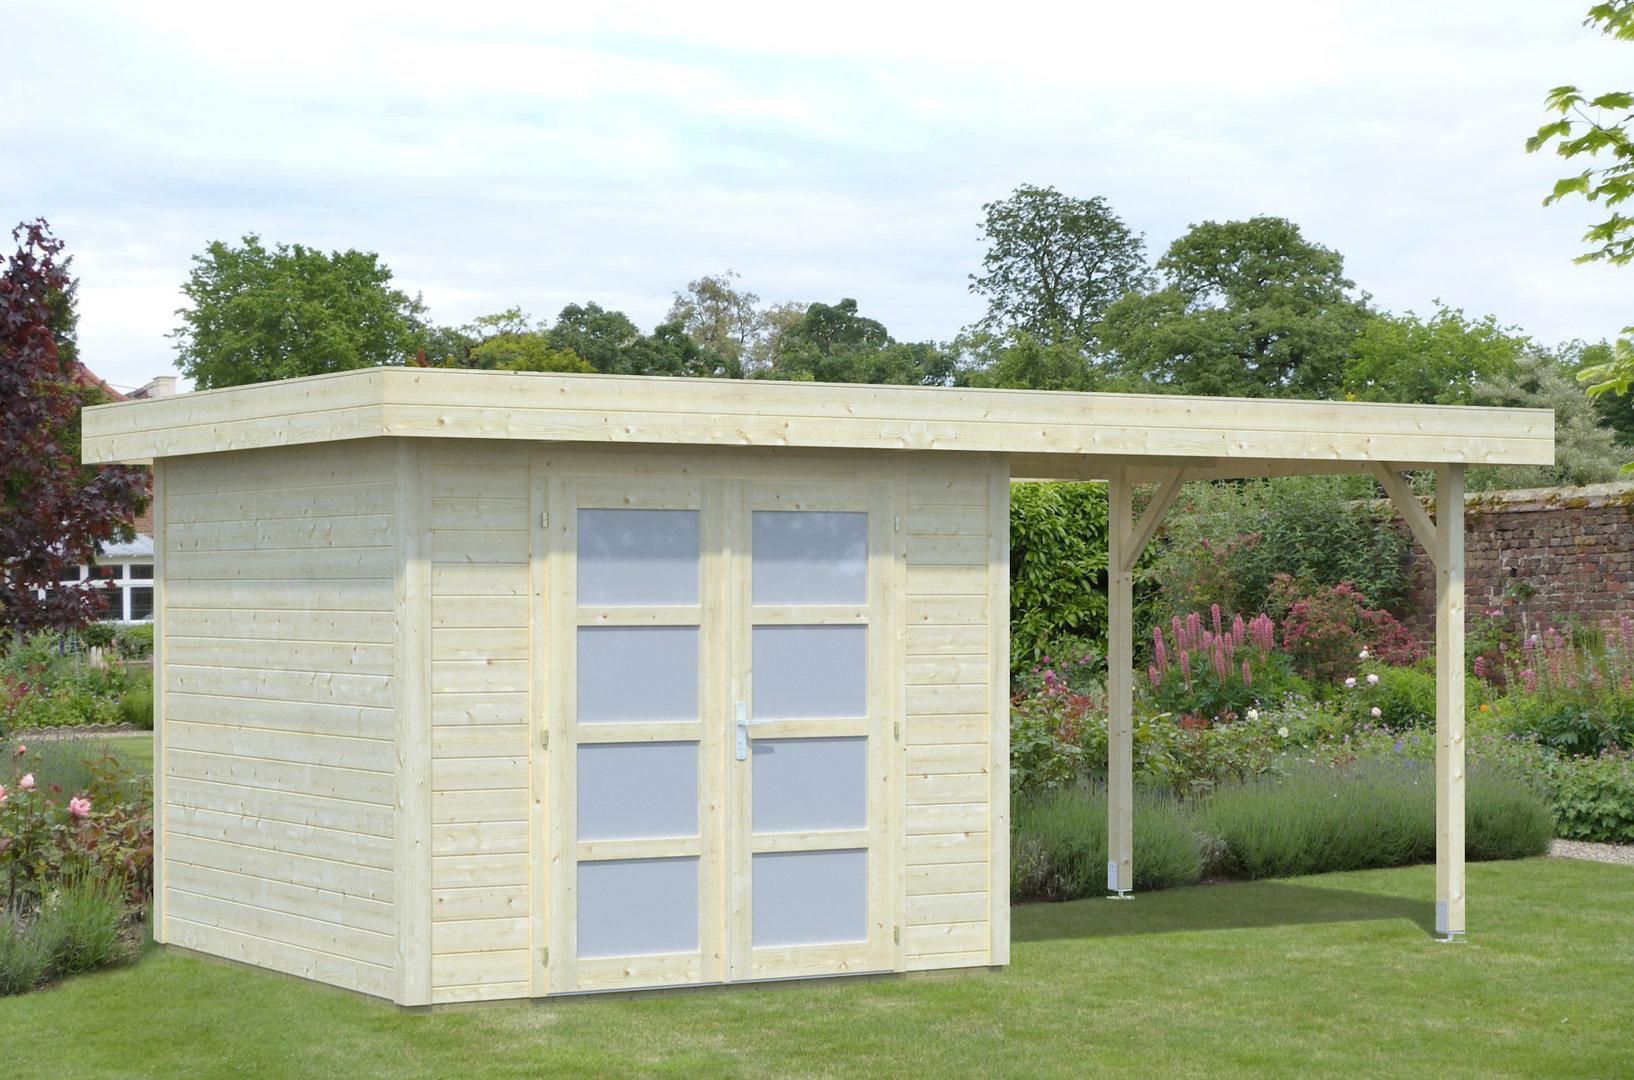 gartenhaus modern liont 1 sams gartenhaus shop. Black Bedroom Furniture Sets. Home Design Ideas